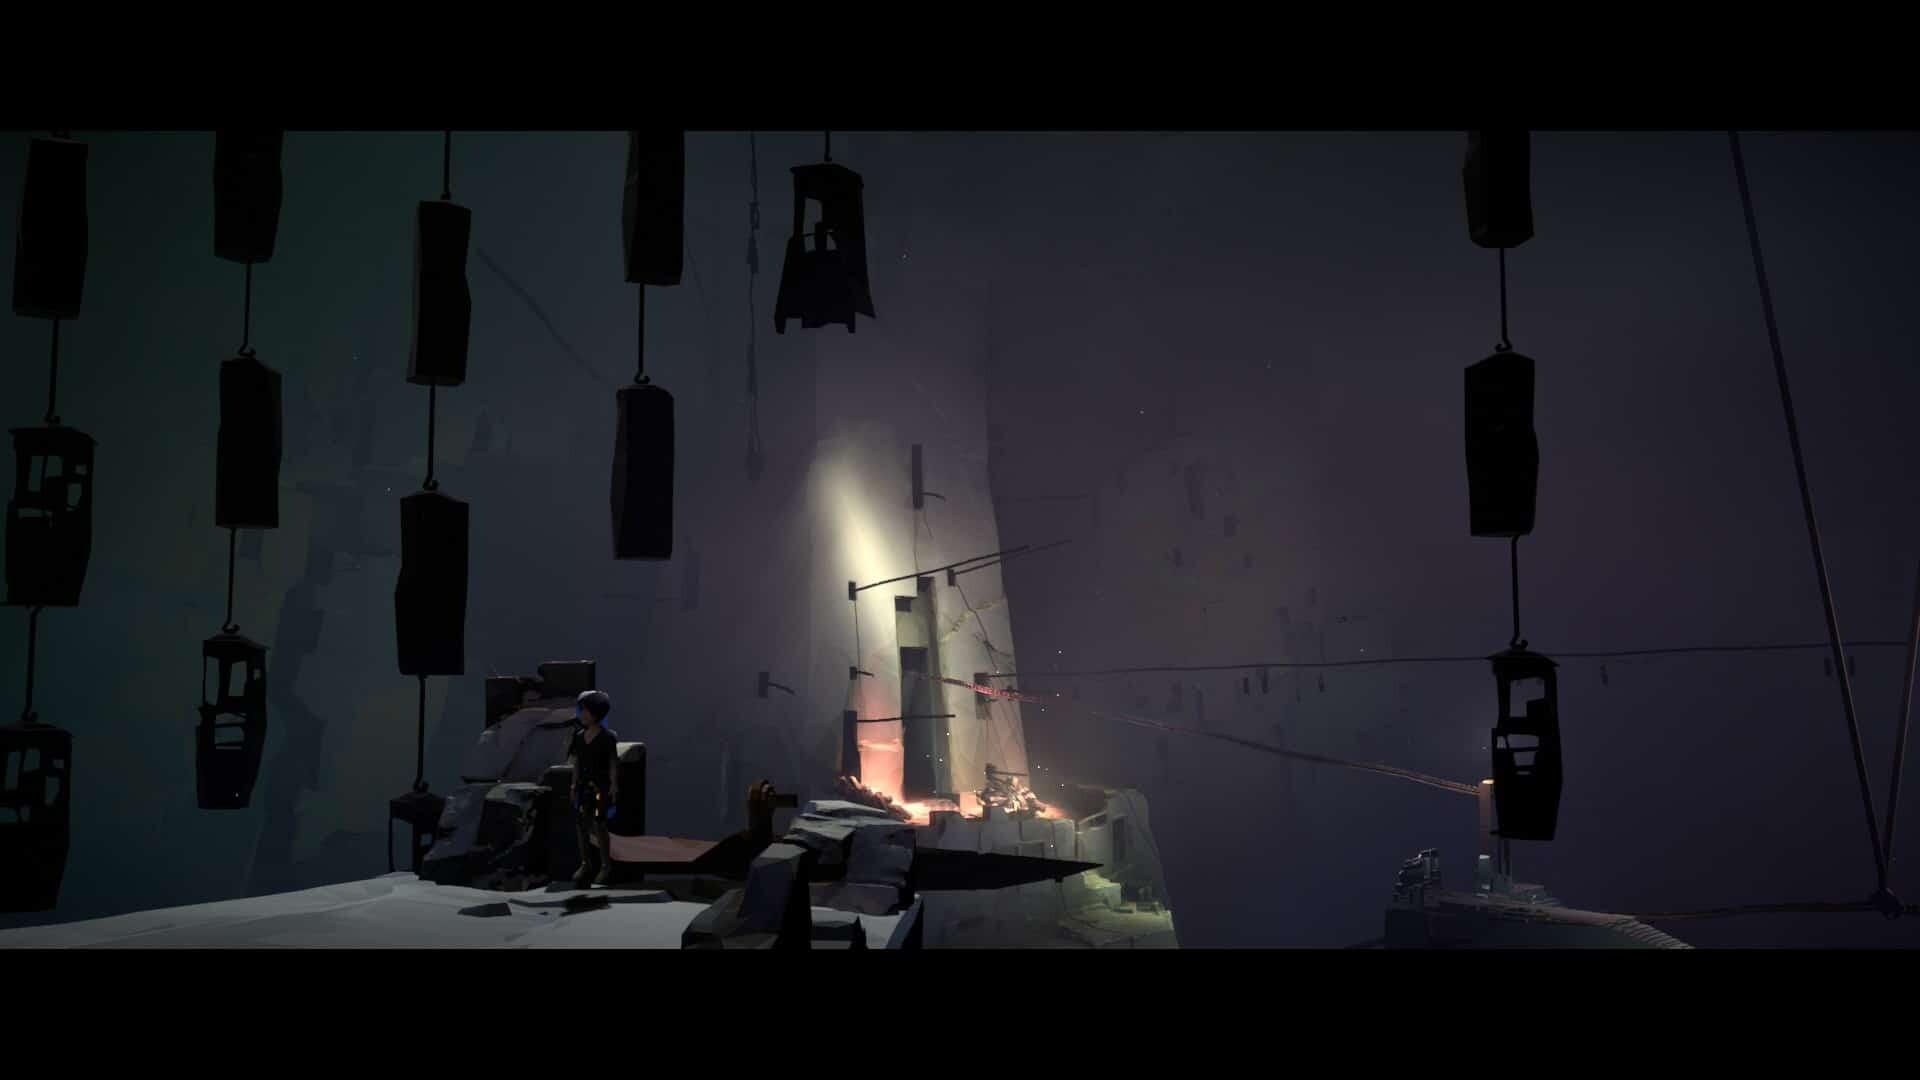 Vane game screenshot, hanging cages